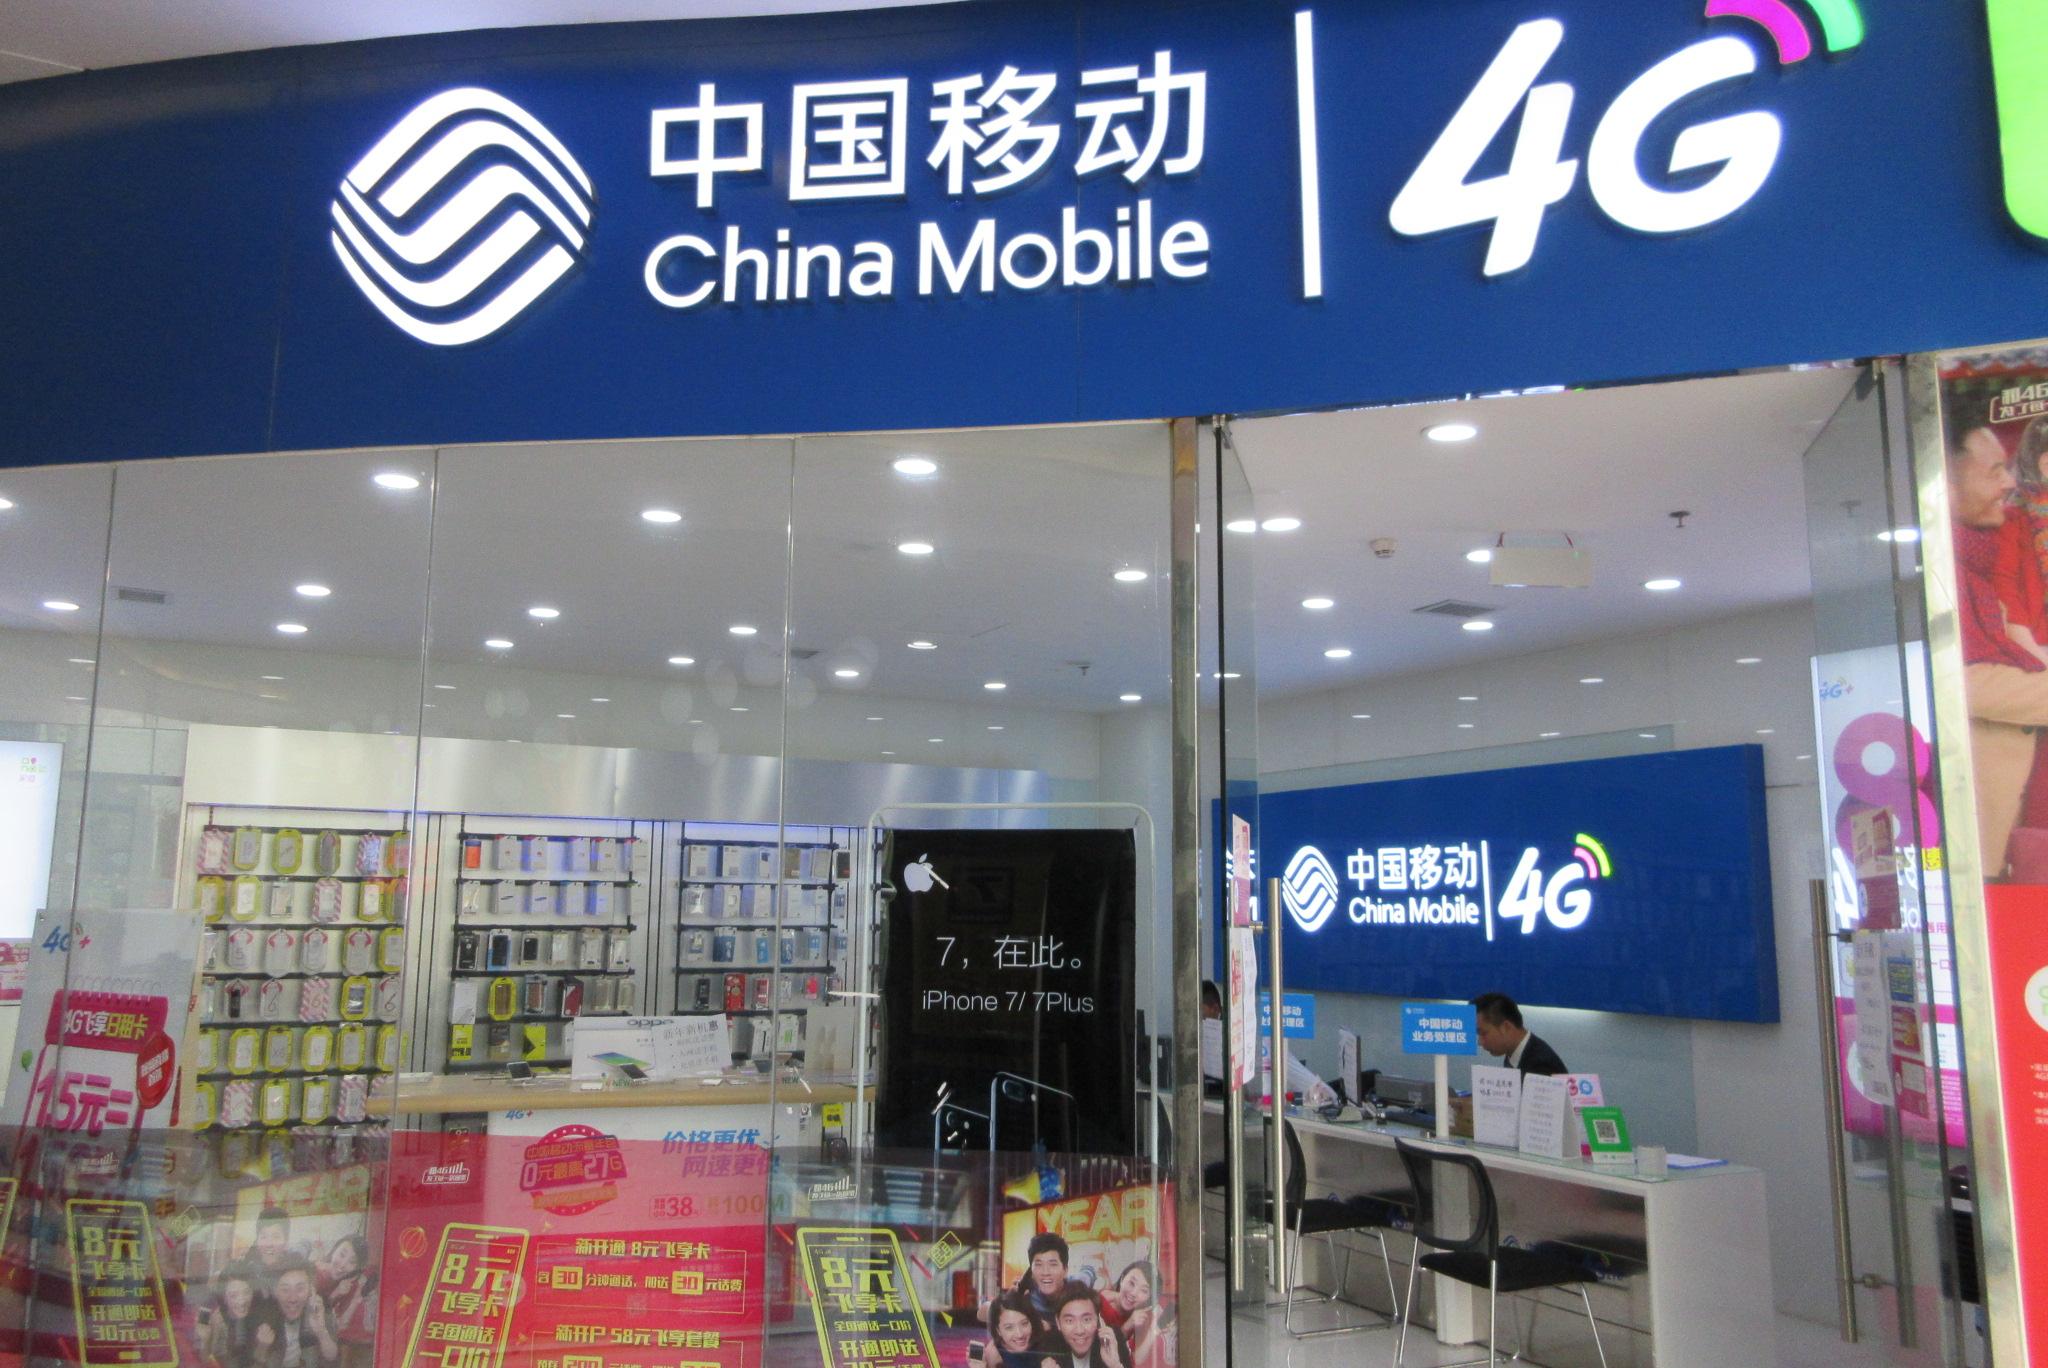 China Mobile - Wikipedia